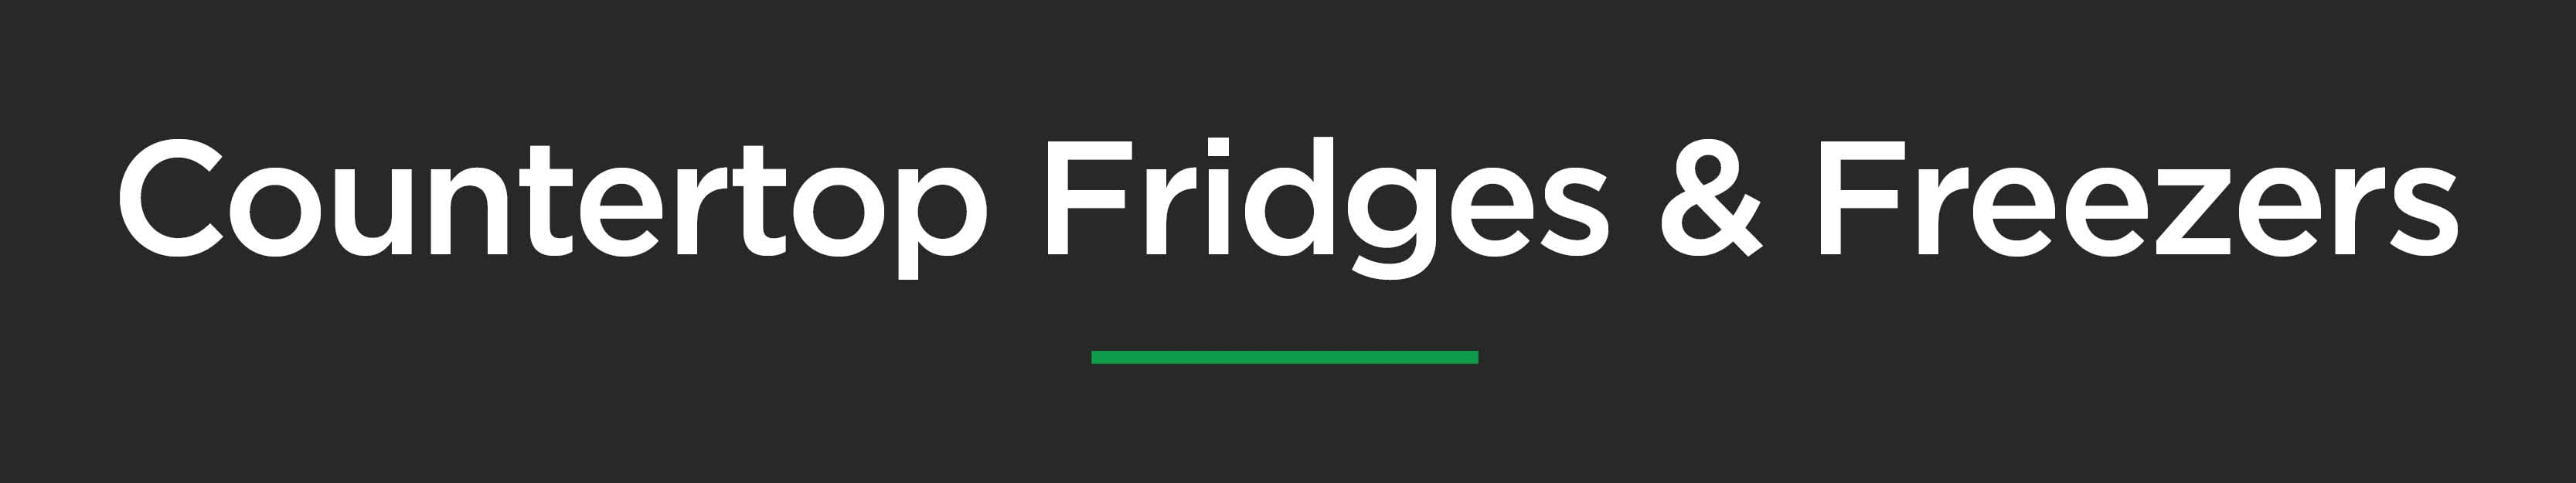 Countertop Fridges & Freezers